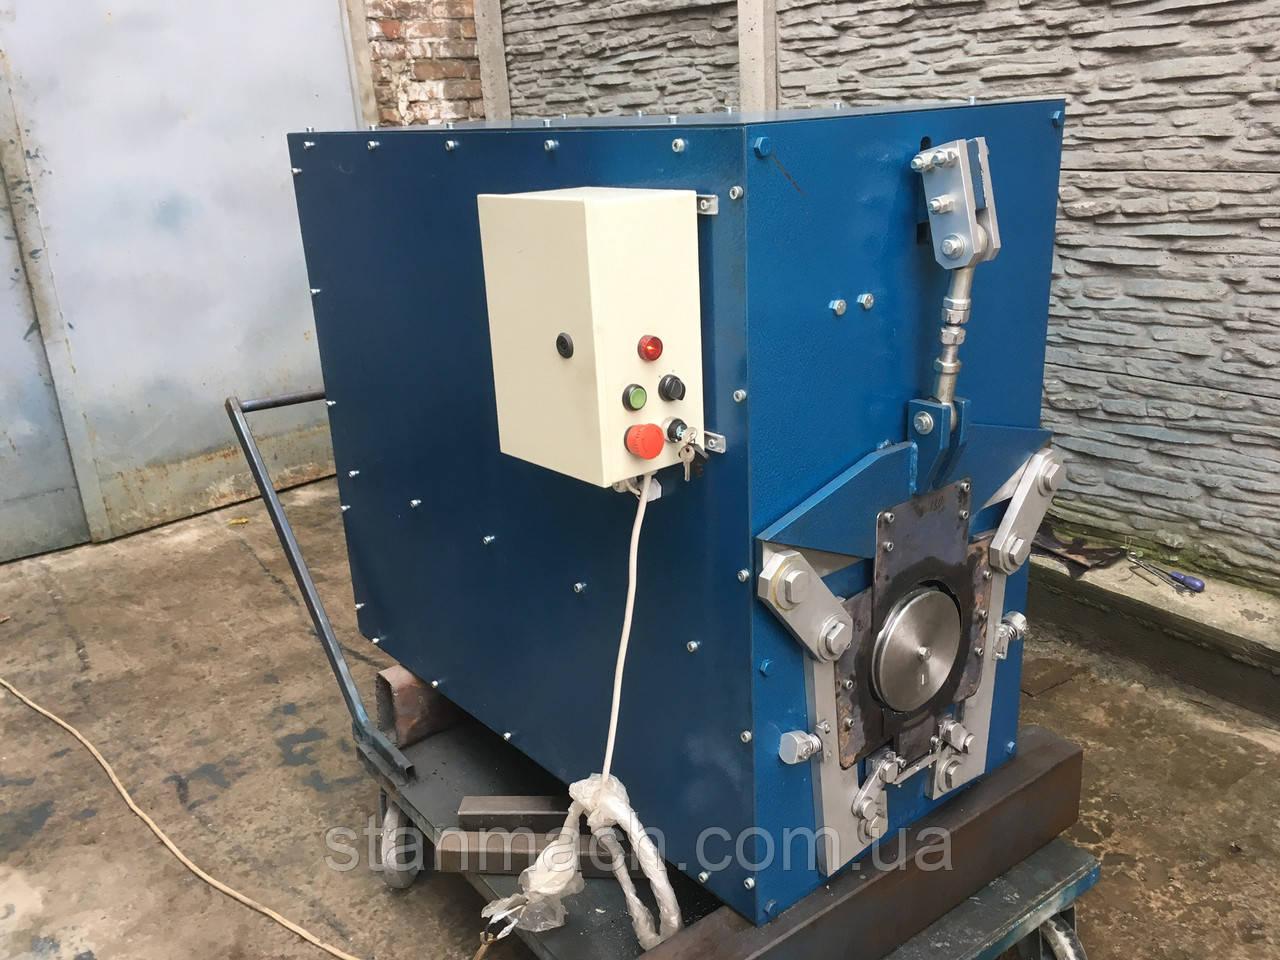 Эволюционер ™ Станок для изготовления гофроколена электрический СГЭ 80-200 мм